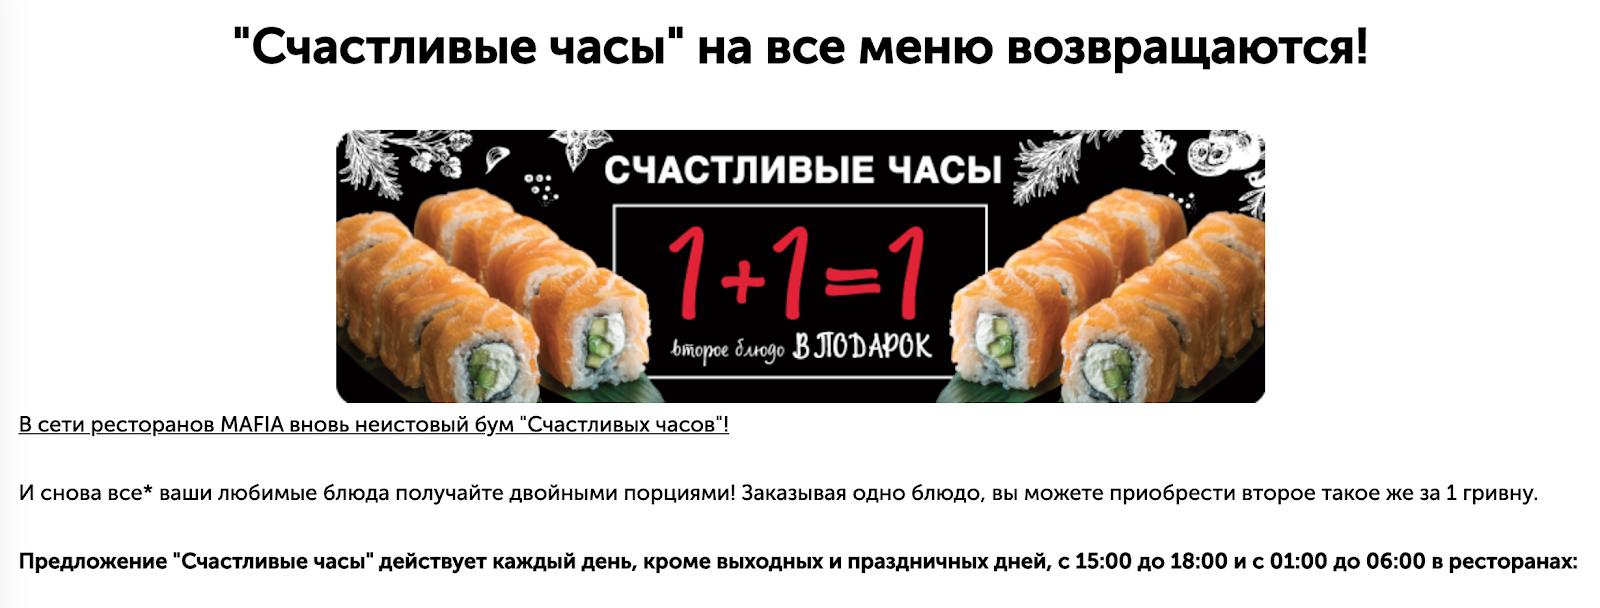 Пример акции «Счастливые часы» во время бизнес-ланча в ресторане